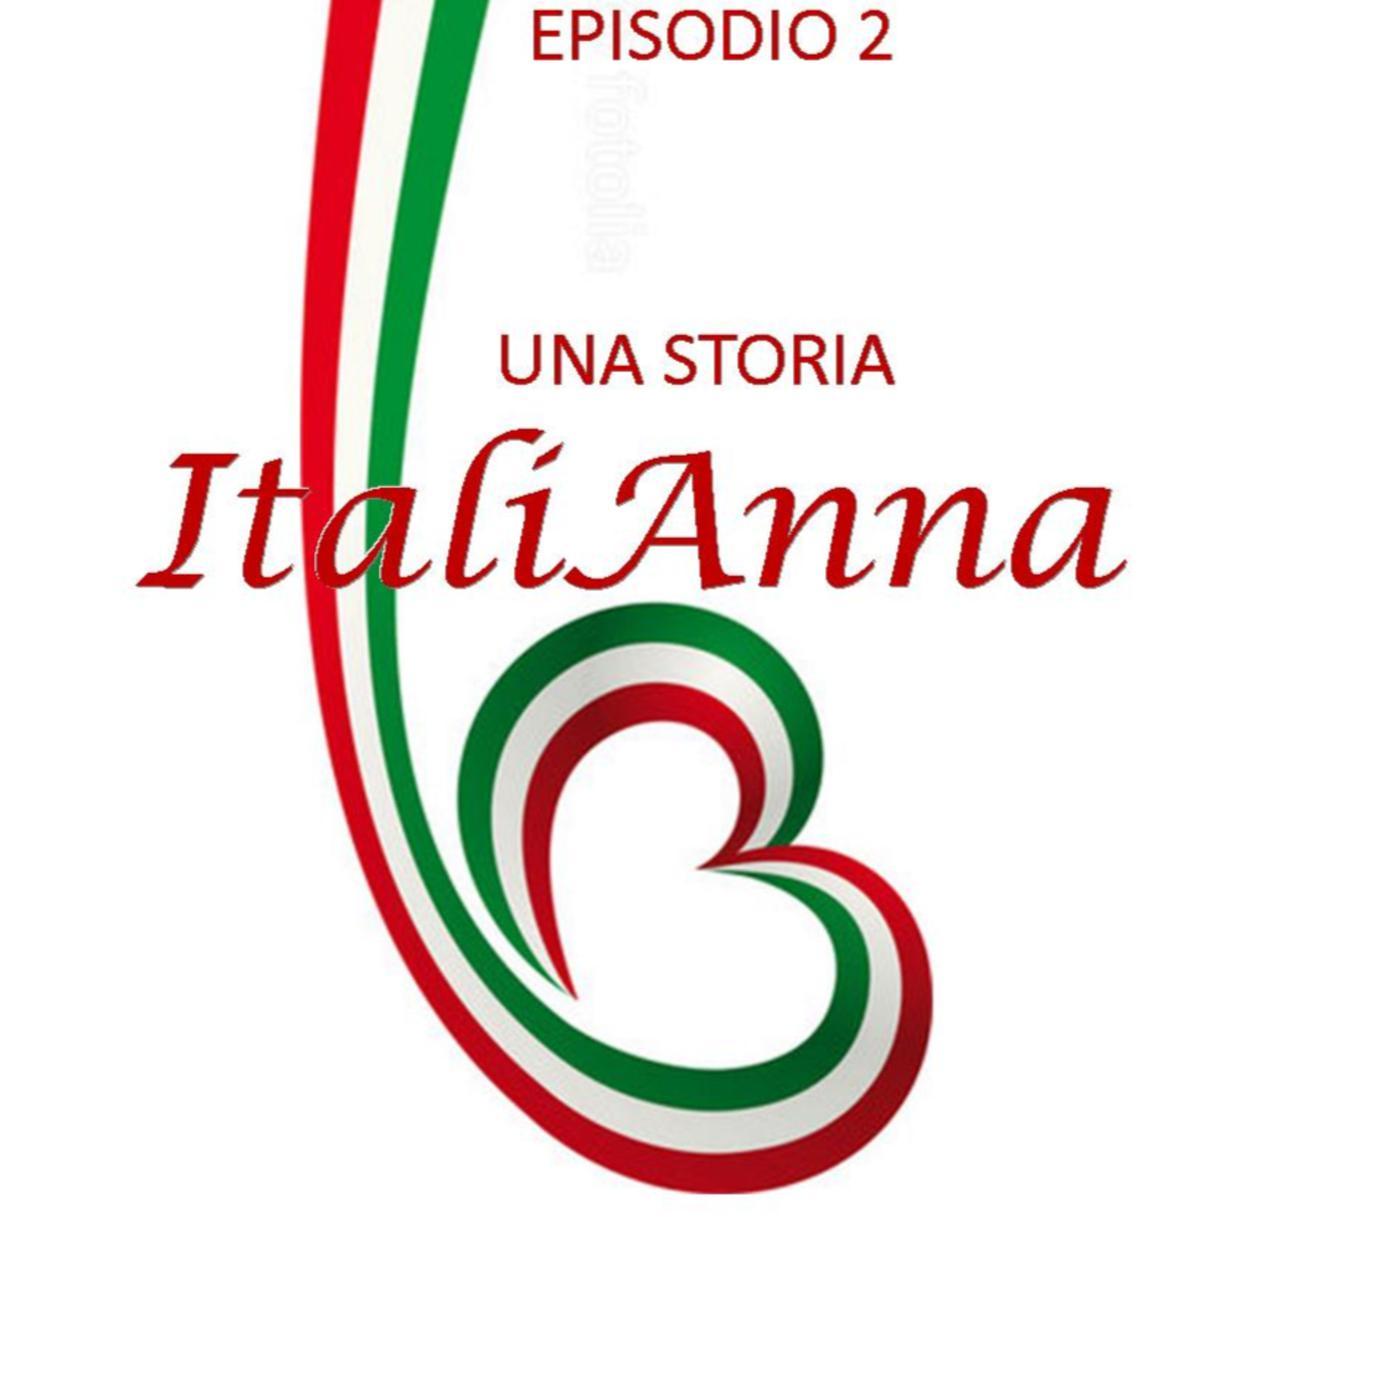 La Storia Della Cucina una storia italianna (podcast) - anna f | listen notes